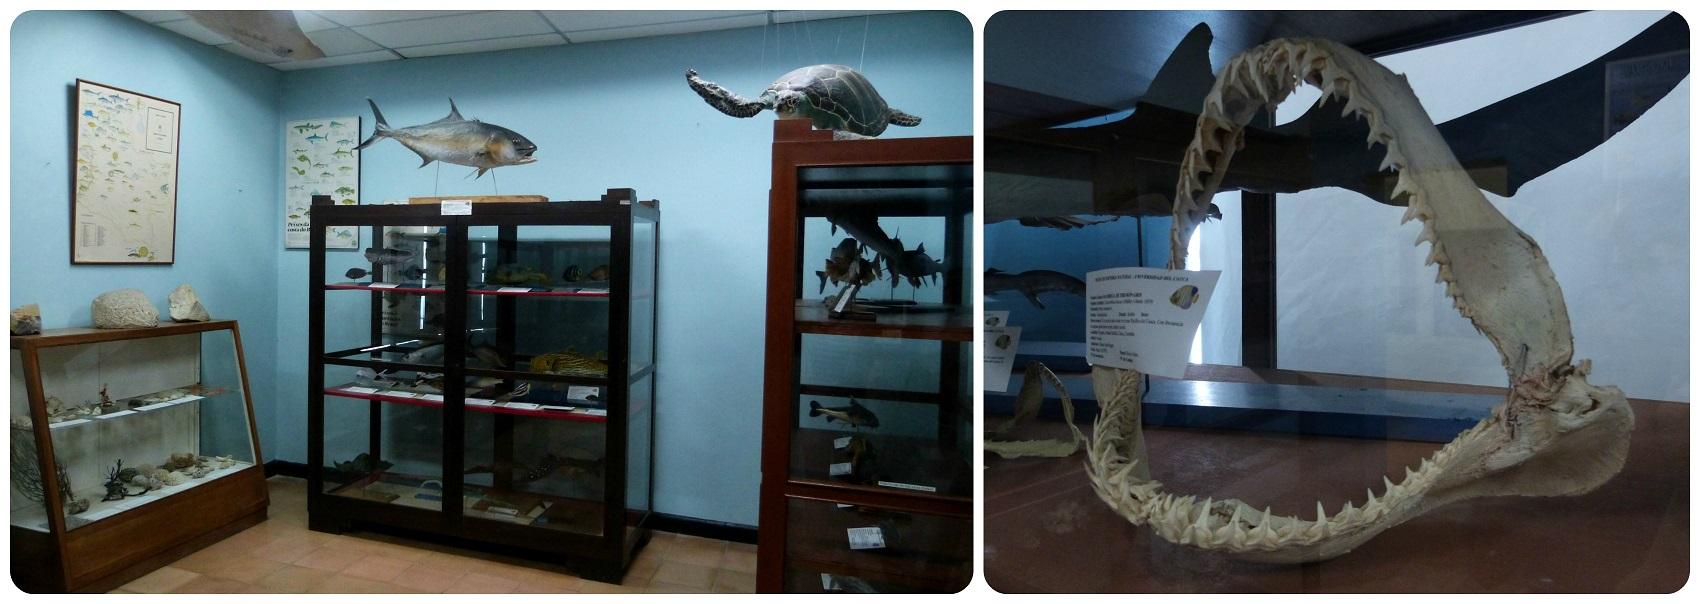 Mandíbula expuestas en el Museo de historia natural de Popayán